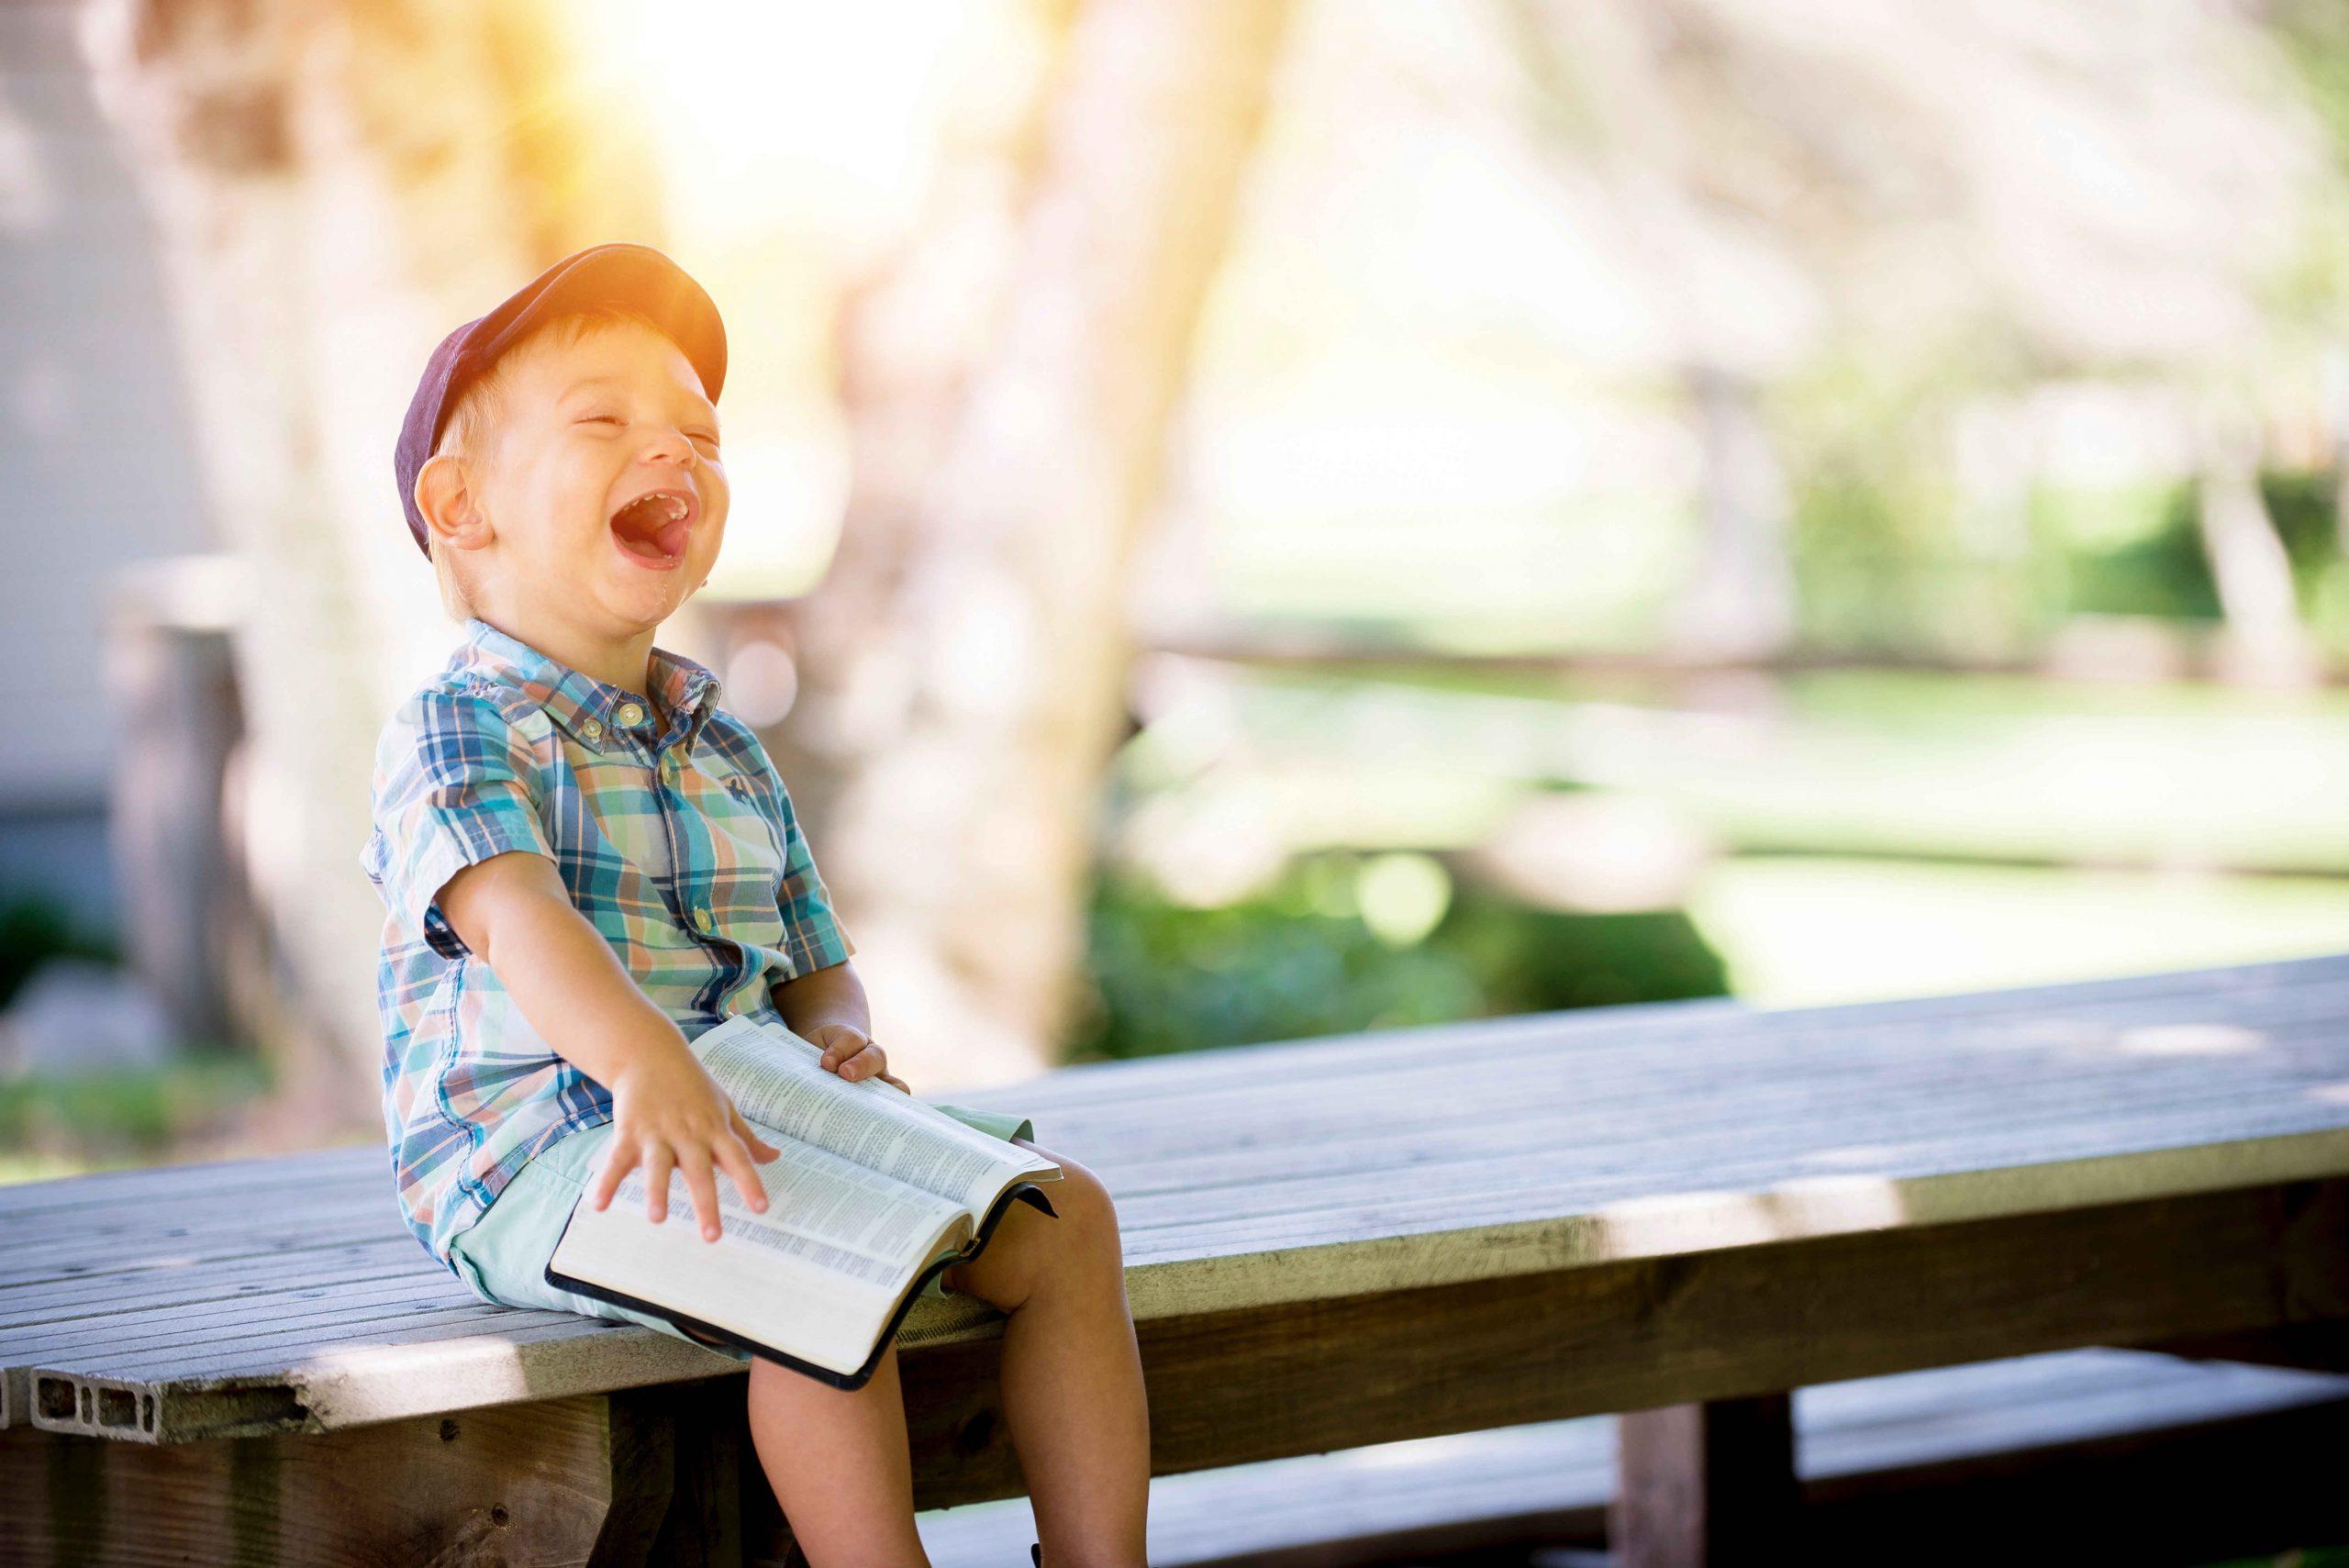 menino lindo com um livro no colo feliz